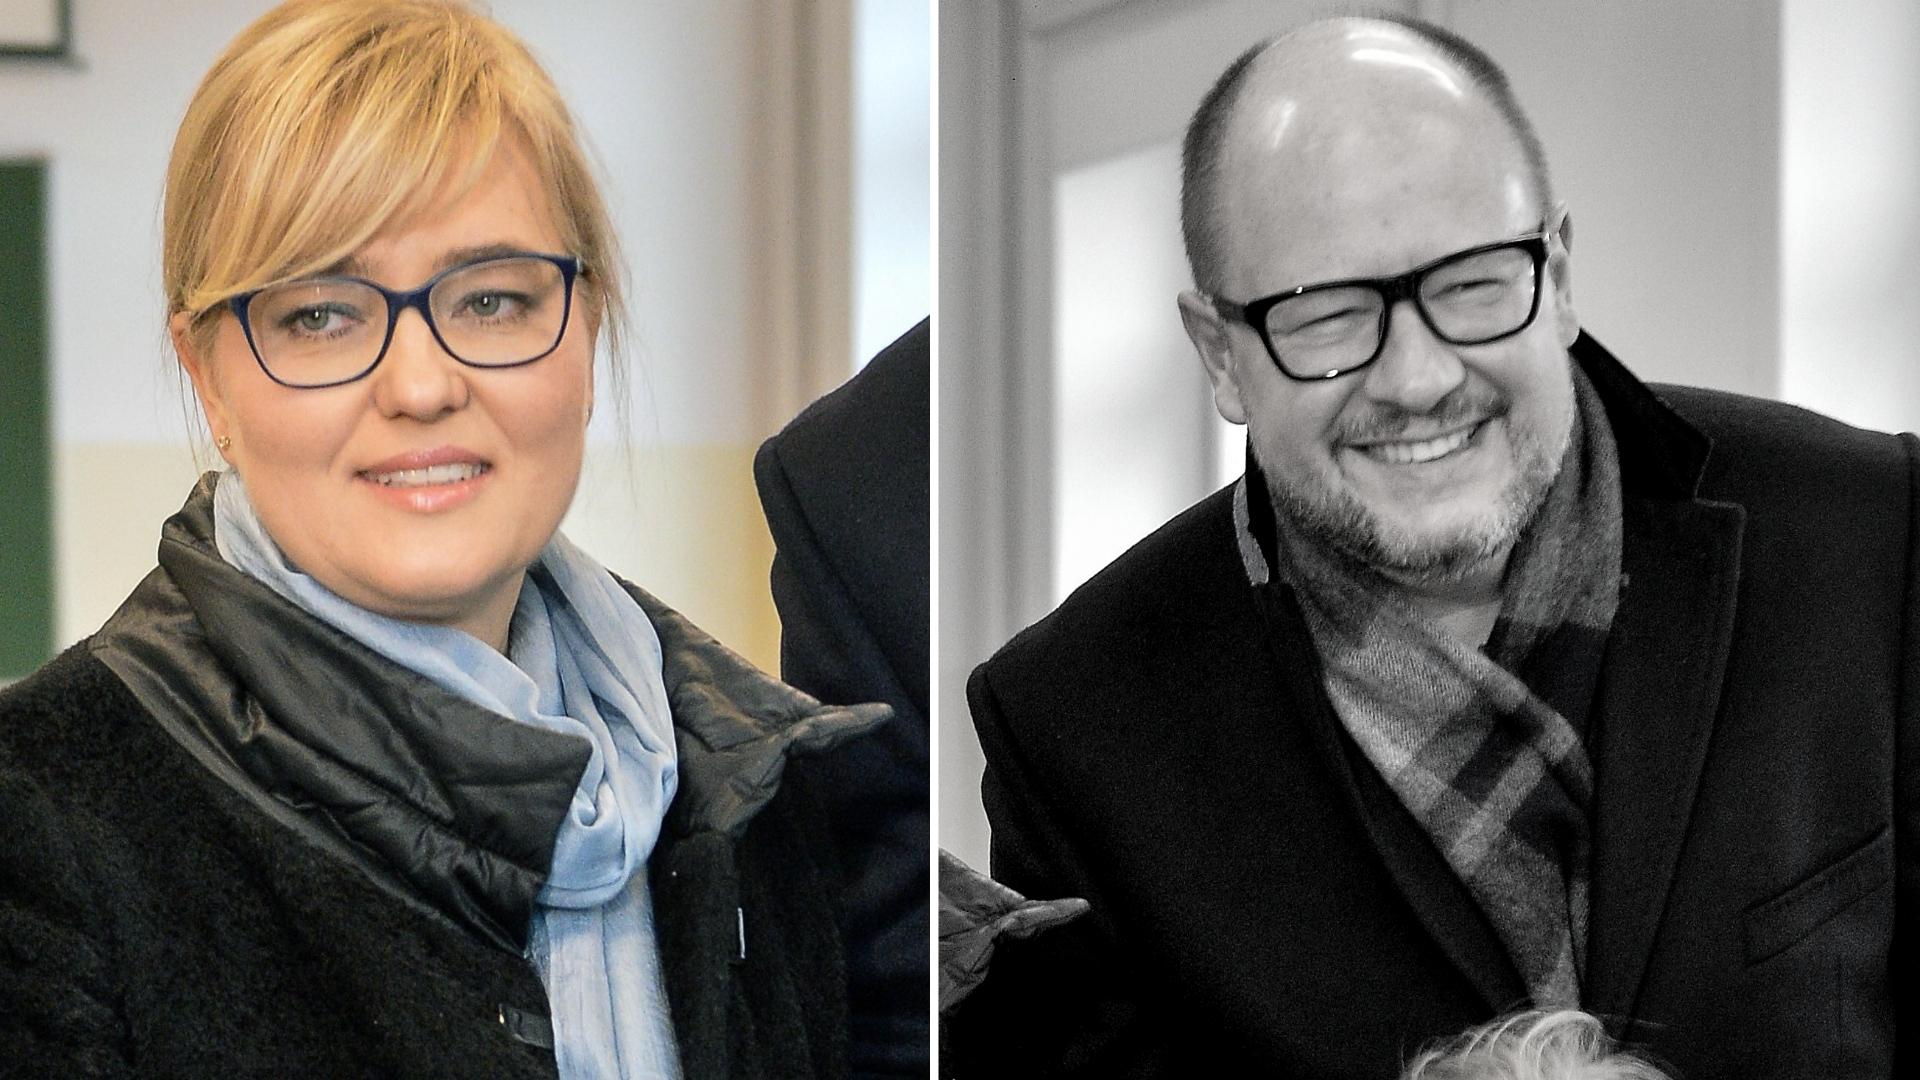 Pogrążona w żałobie – Magdalena Adamowicz nie zdążyła pożegnać się z mężem